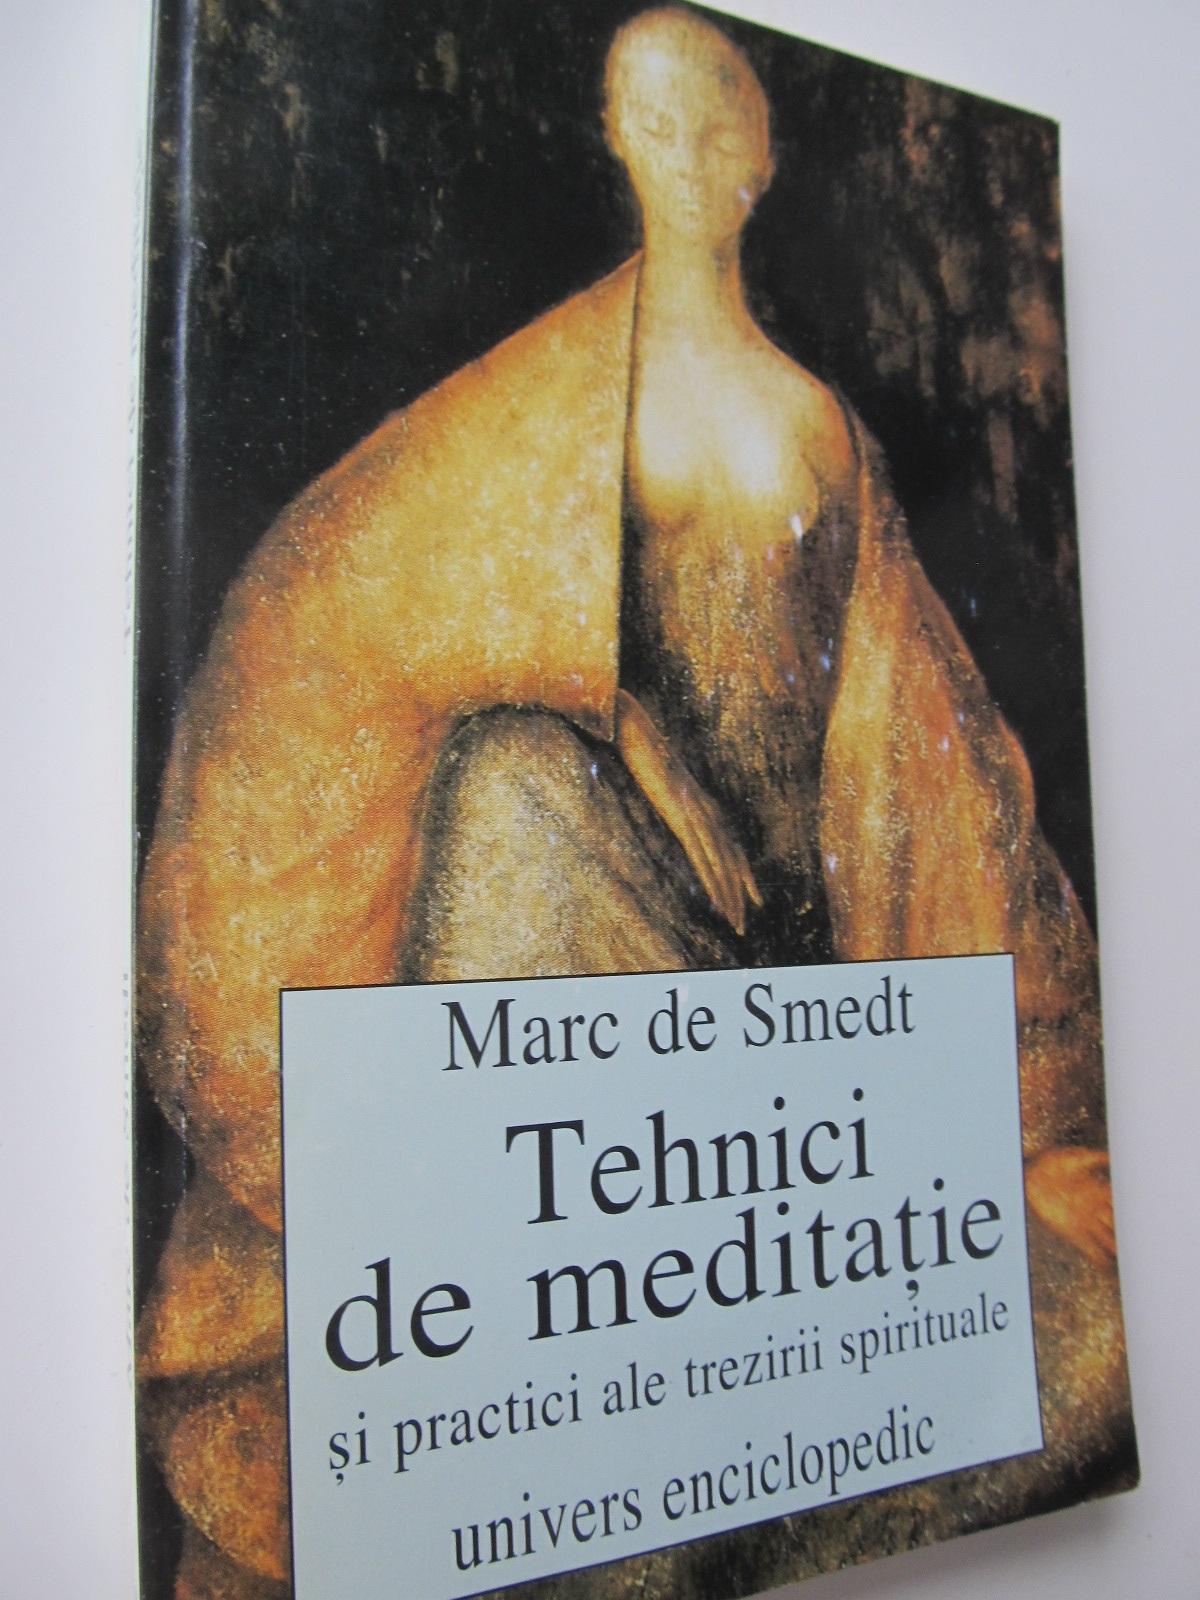 Tehnici de meditatie si practici ale trezirii spirituale - Marc de Smedt | Detalii carte